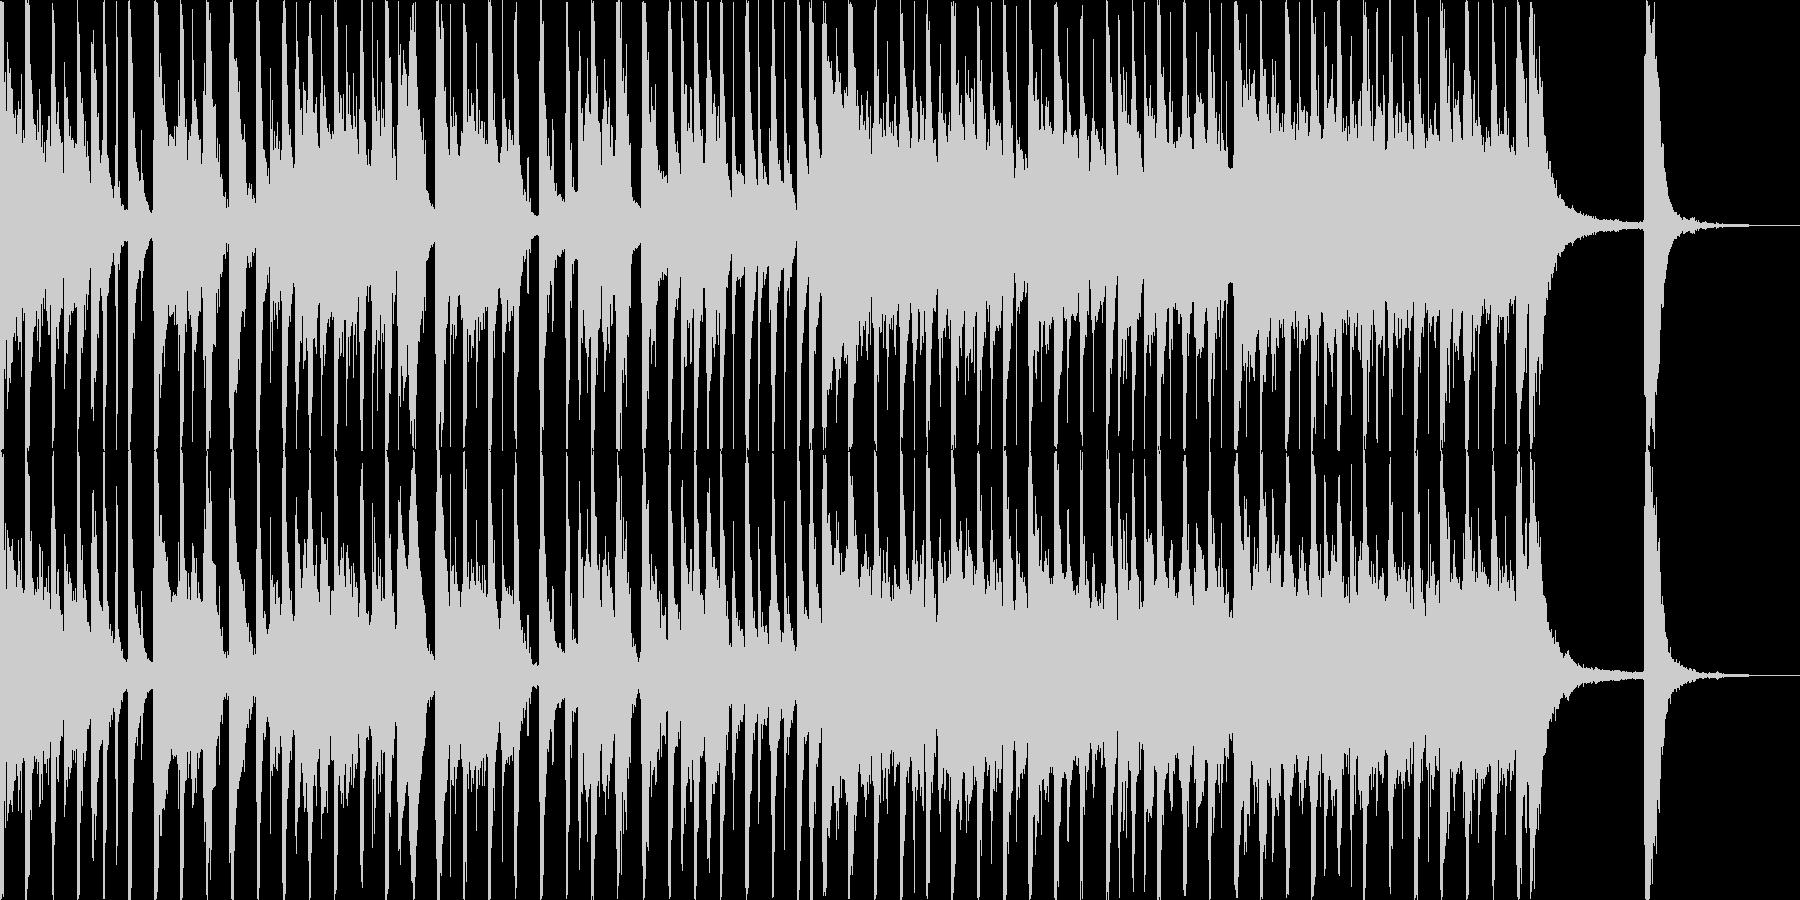 ダイナミックなポップスの未再生の波形